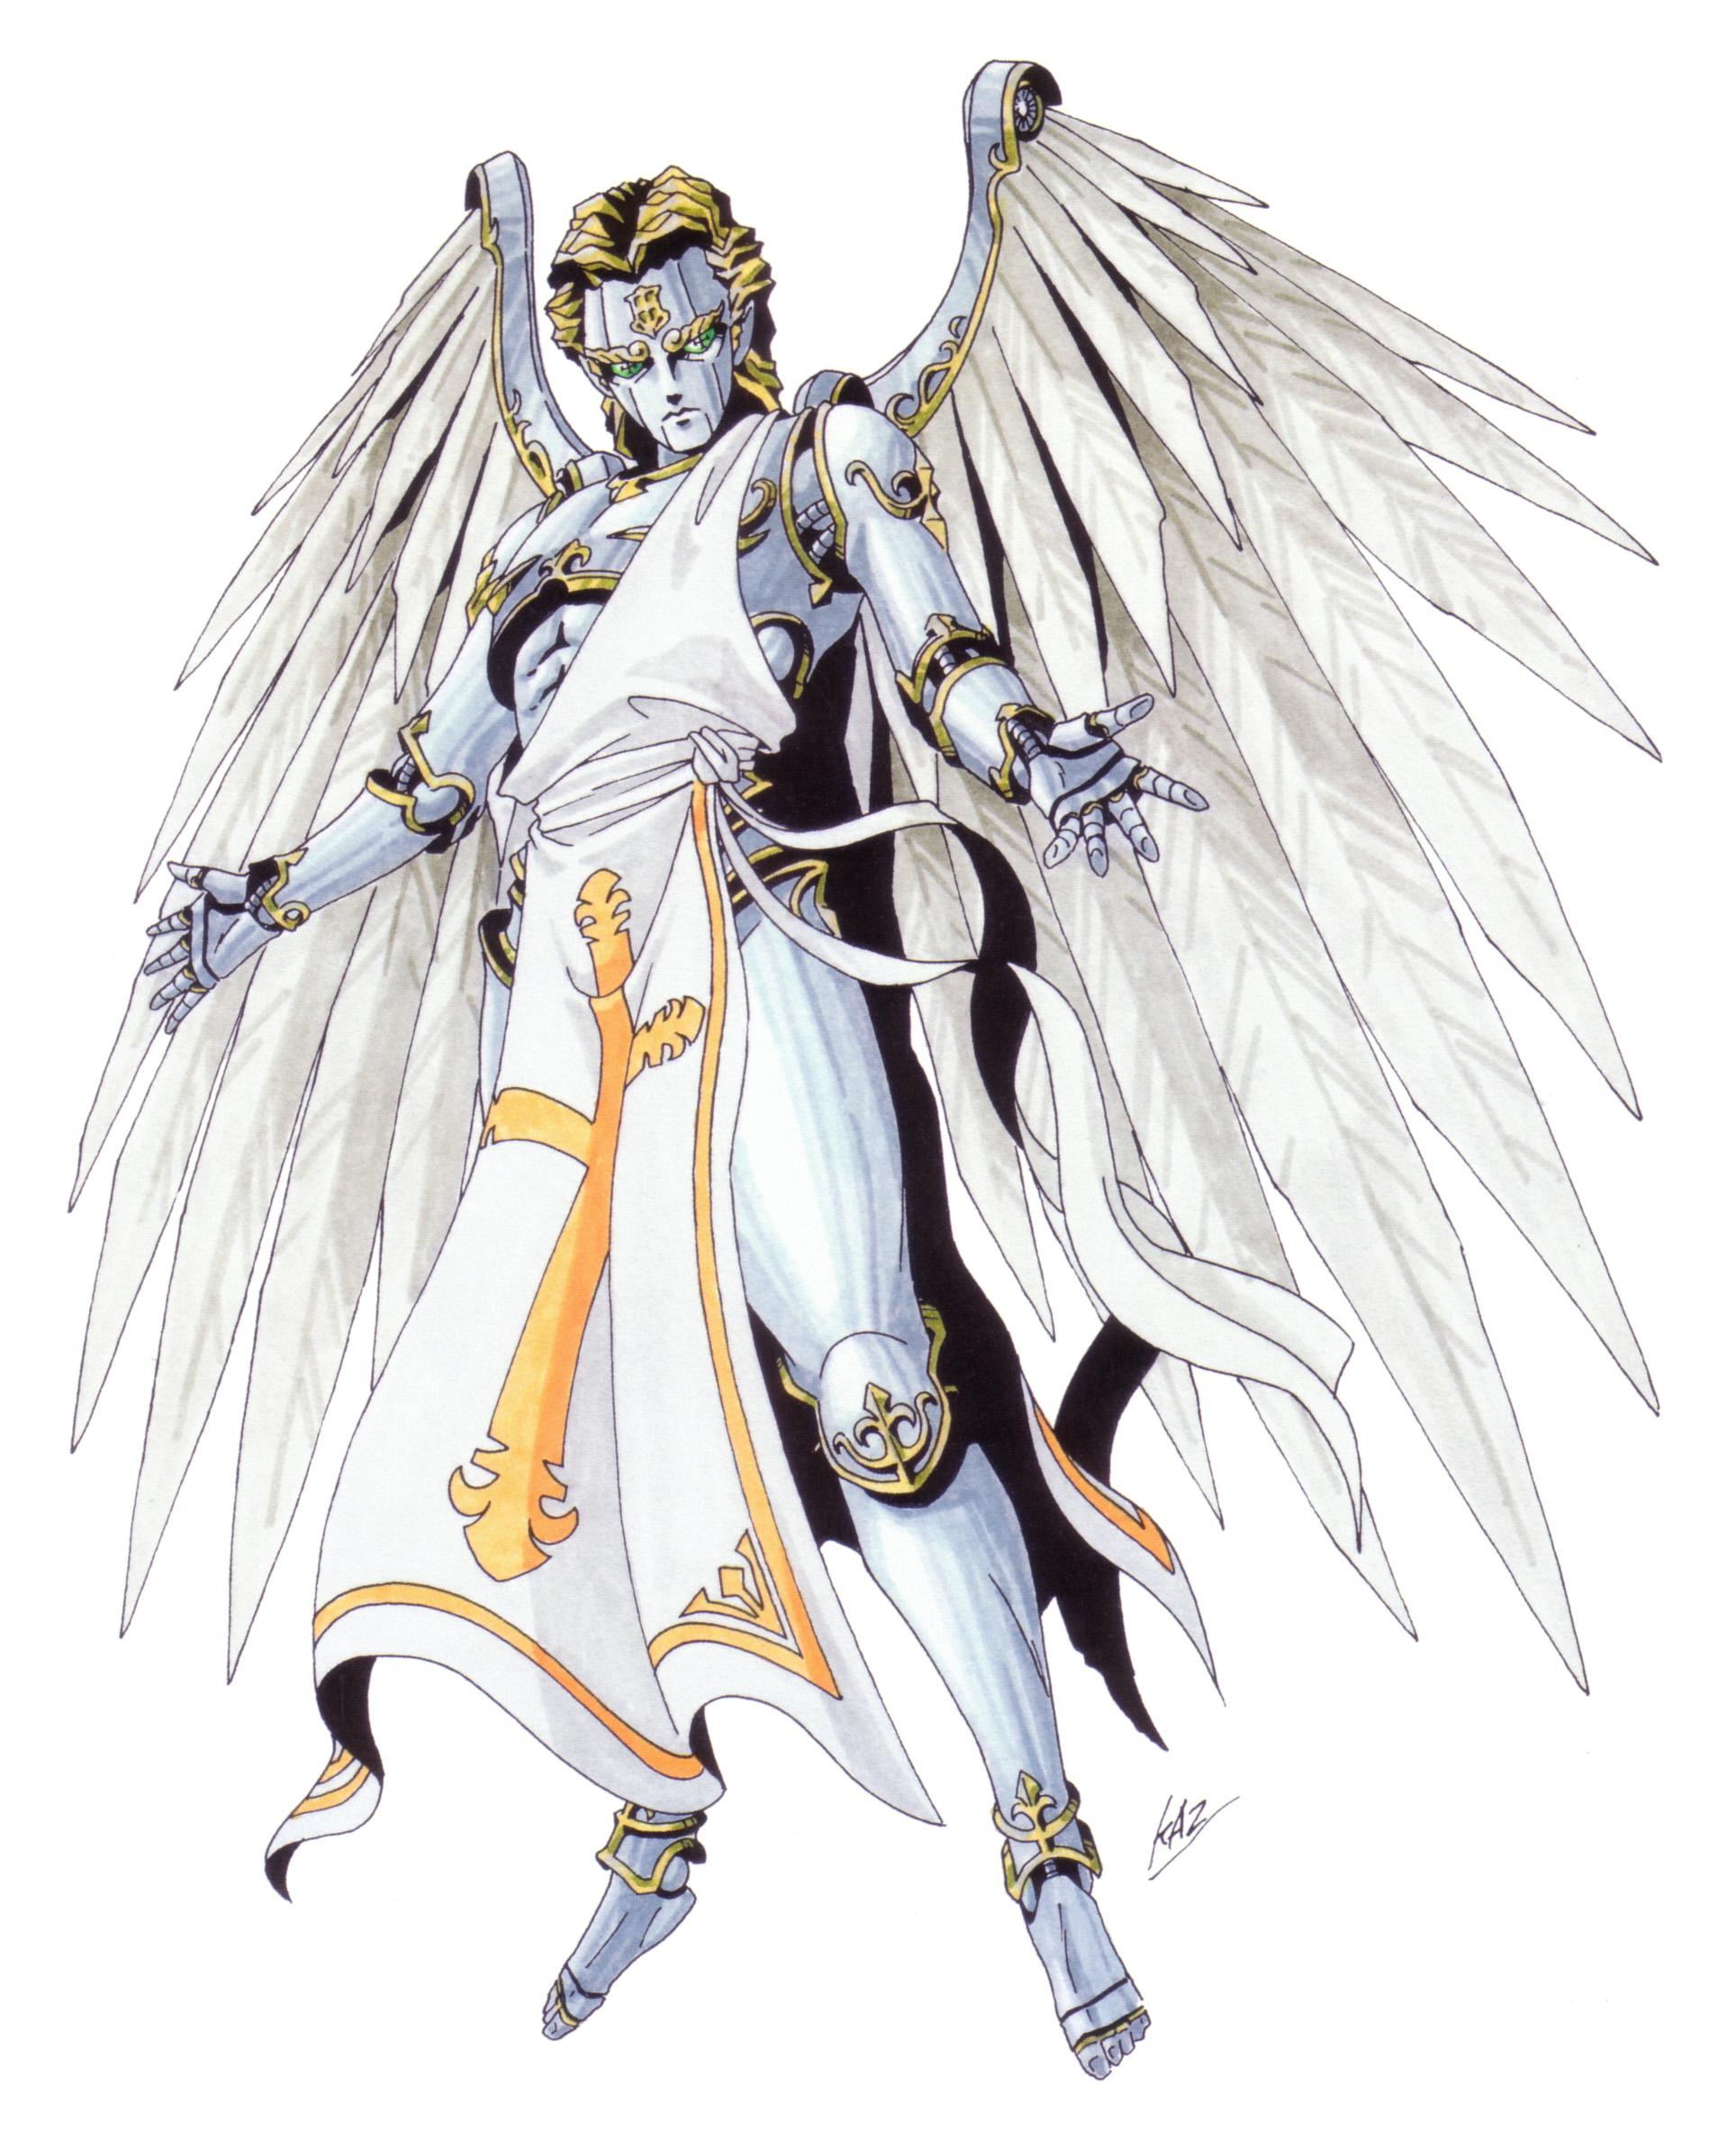 angeli e demoni il moderatore ha rotto il cazzo pagina 6